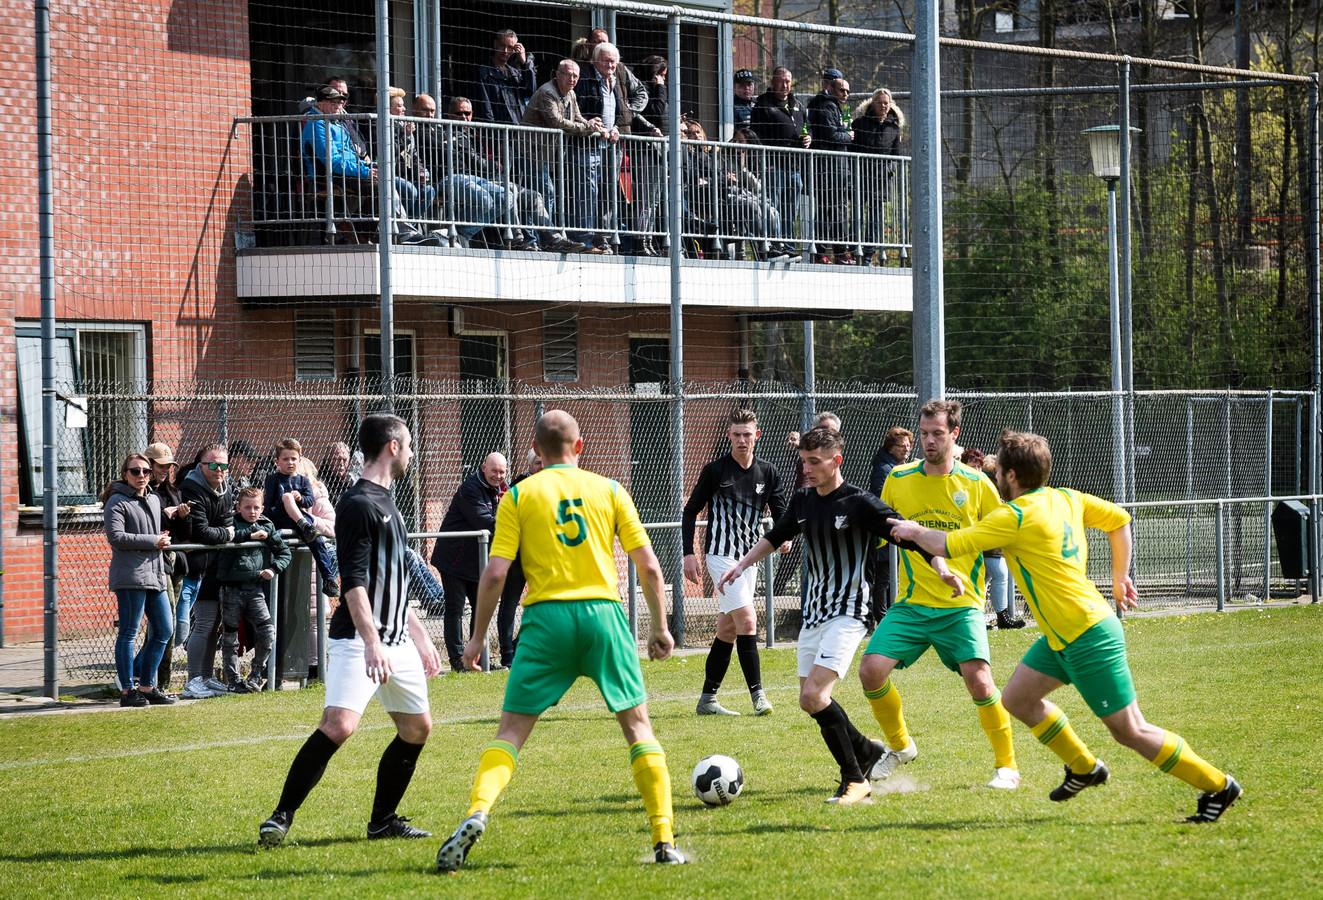 De voetballers van DWSV 1 komen niet meer in actie. De tuchtcommissie heeft het elftal uit de competitie gezet.